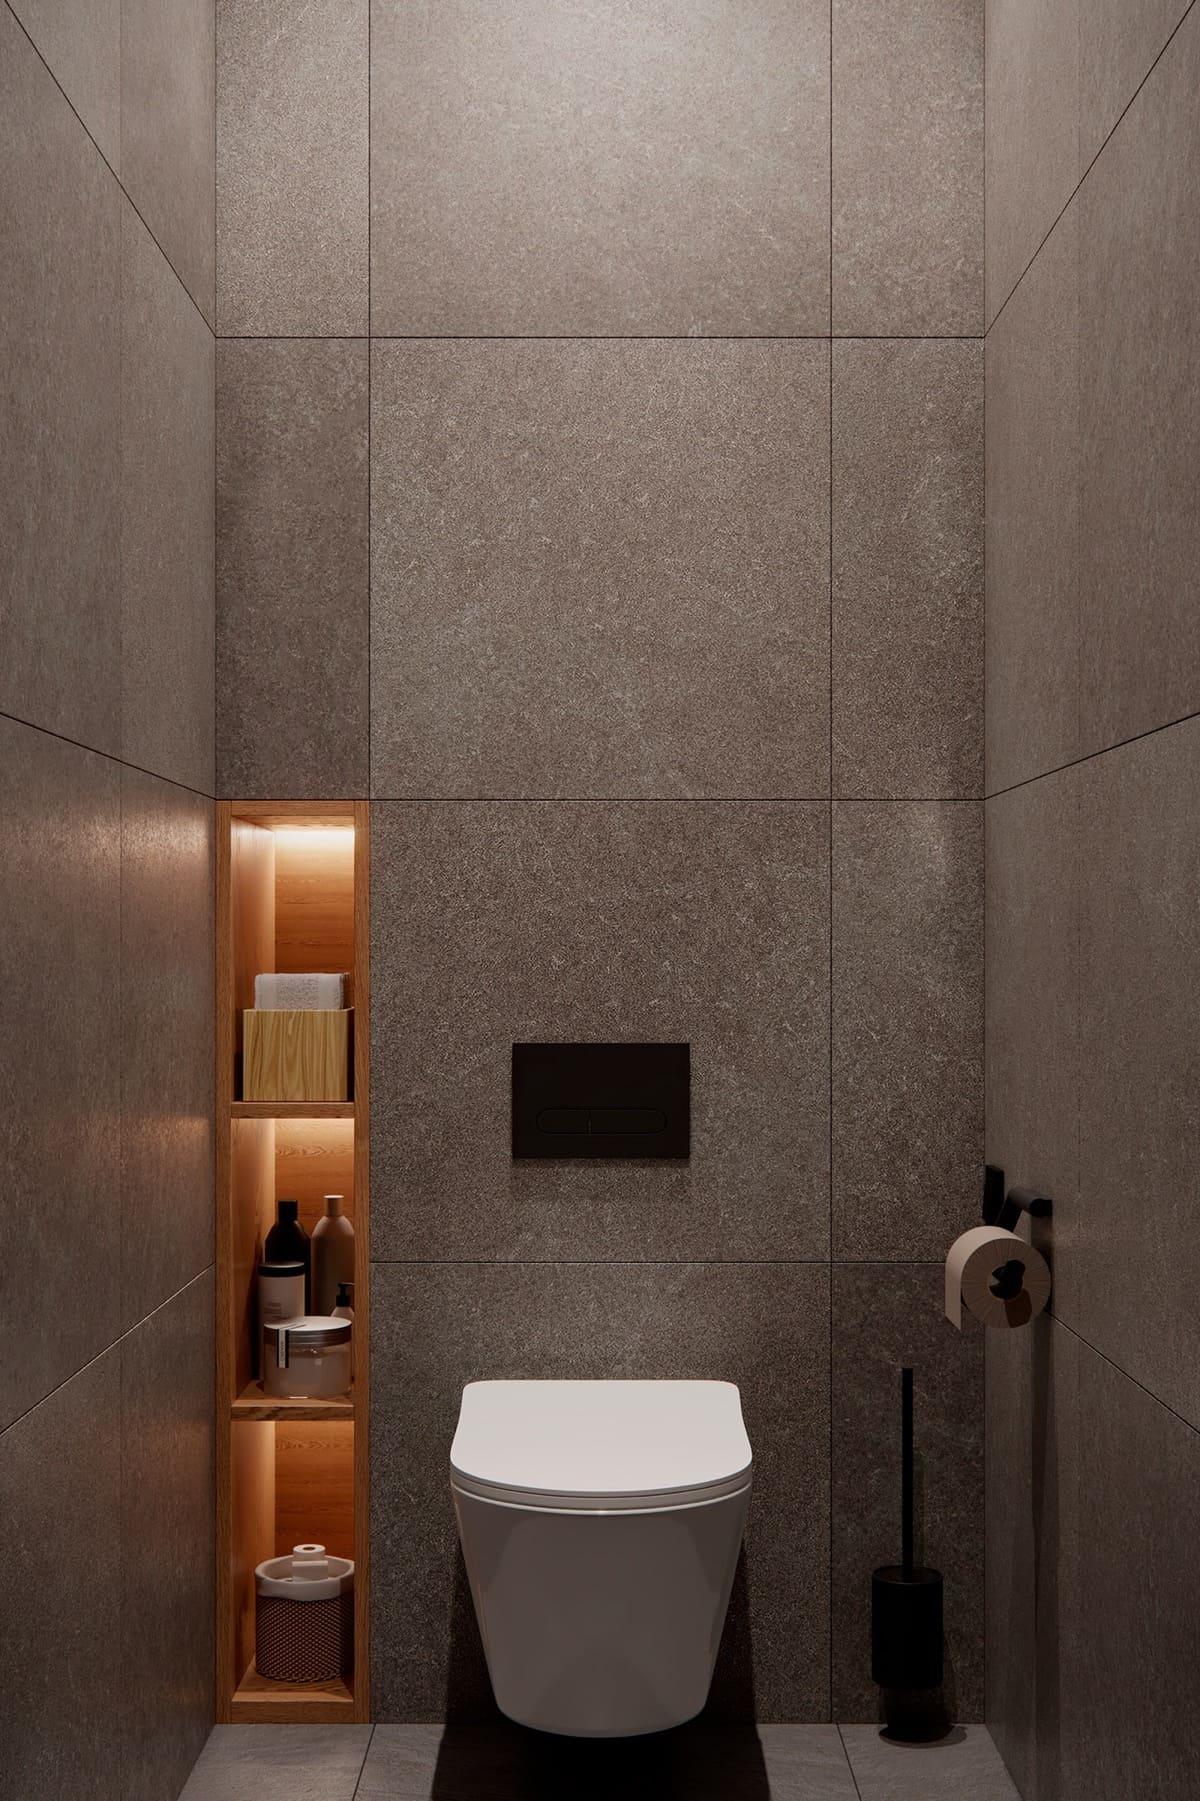 дизайн интерьера ванной комнаты фото 17